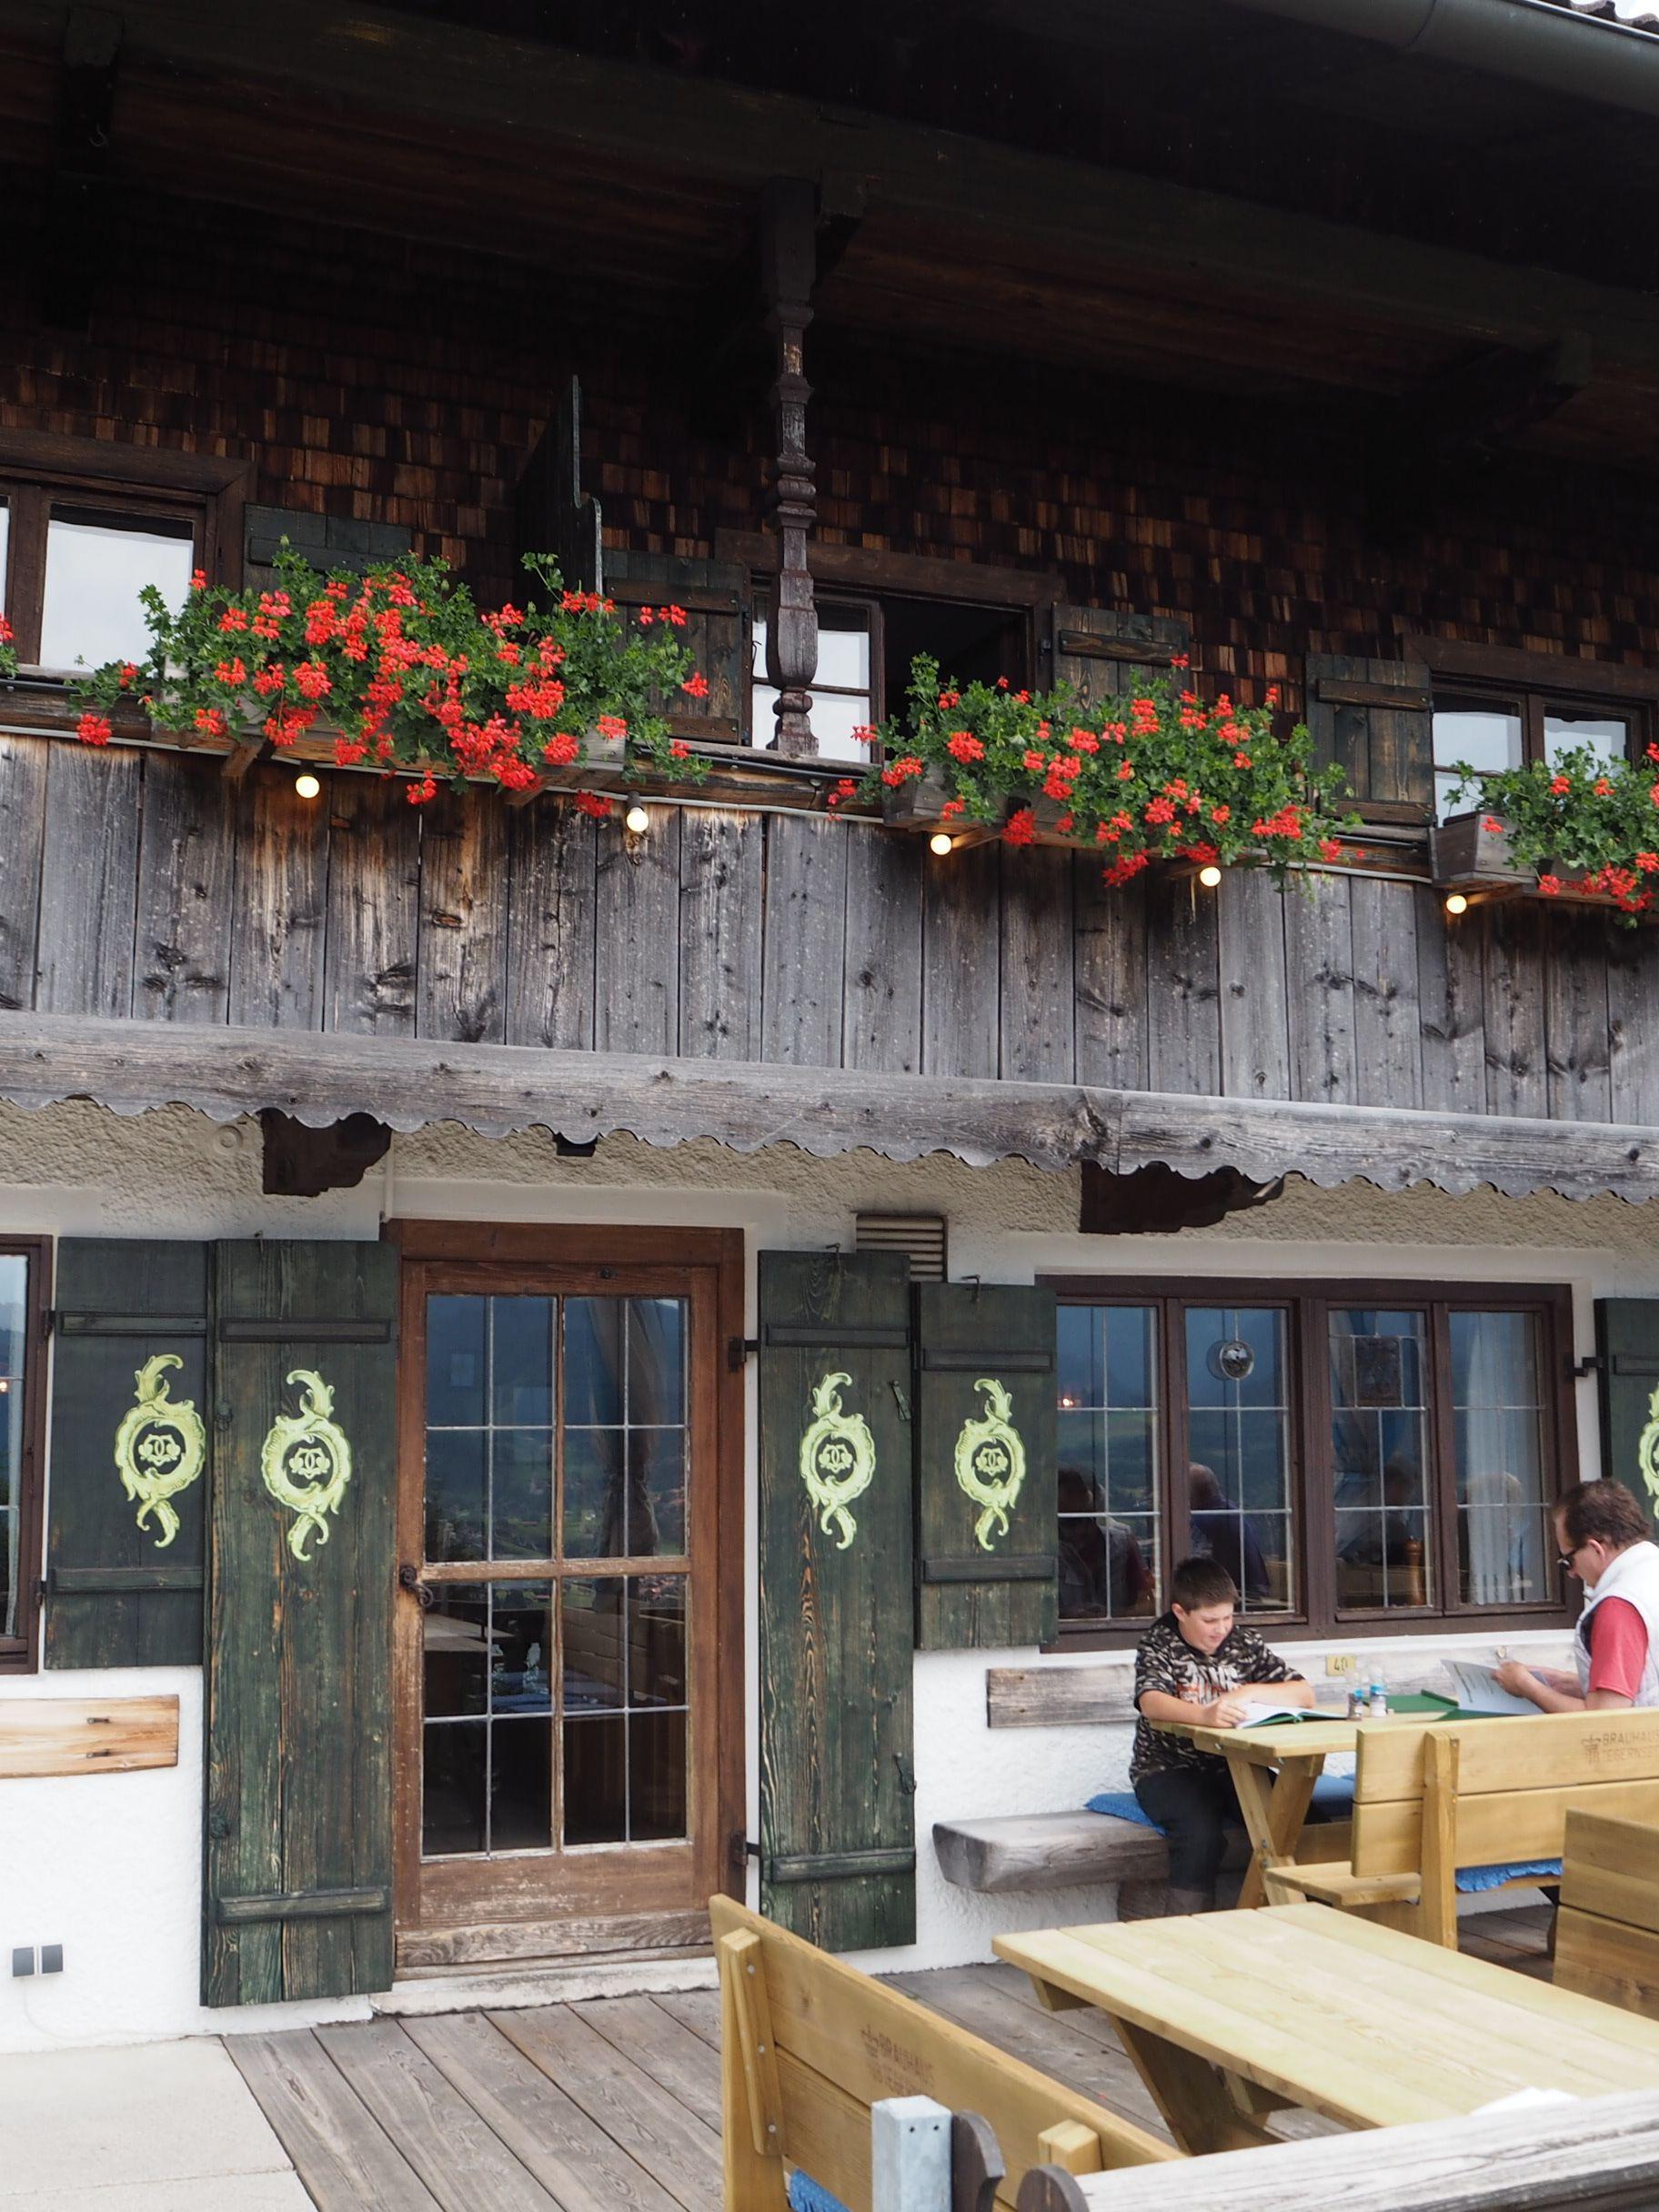 der berggasthof lieberhof am tegernsee so sch n bayrisch kofferfisch tegernsee chiemsee. Black Bedroom Furniture Sets. Home Design Ideas